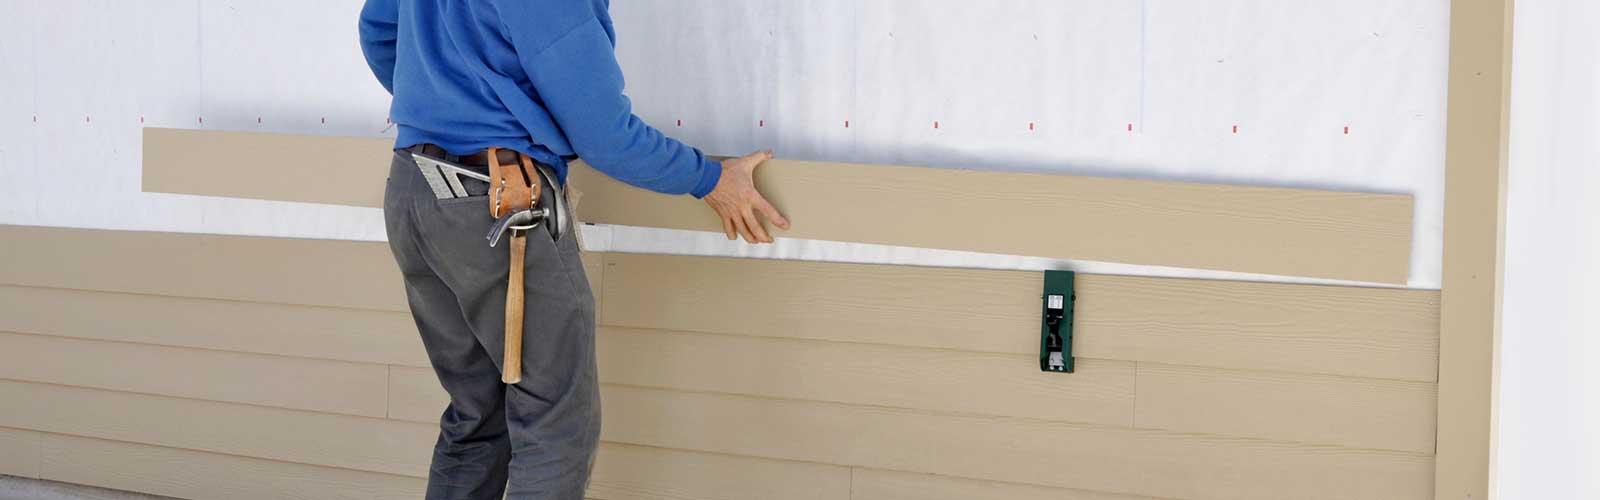 Carpenter Installing Siding